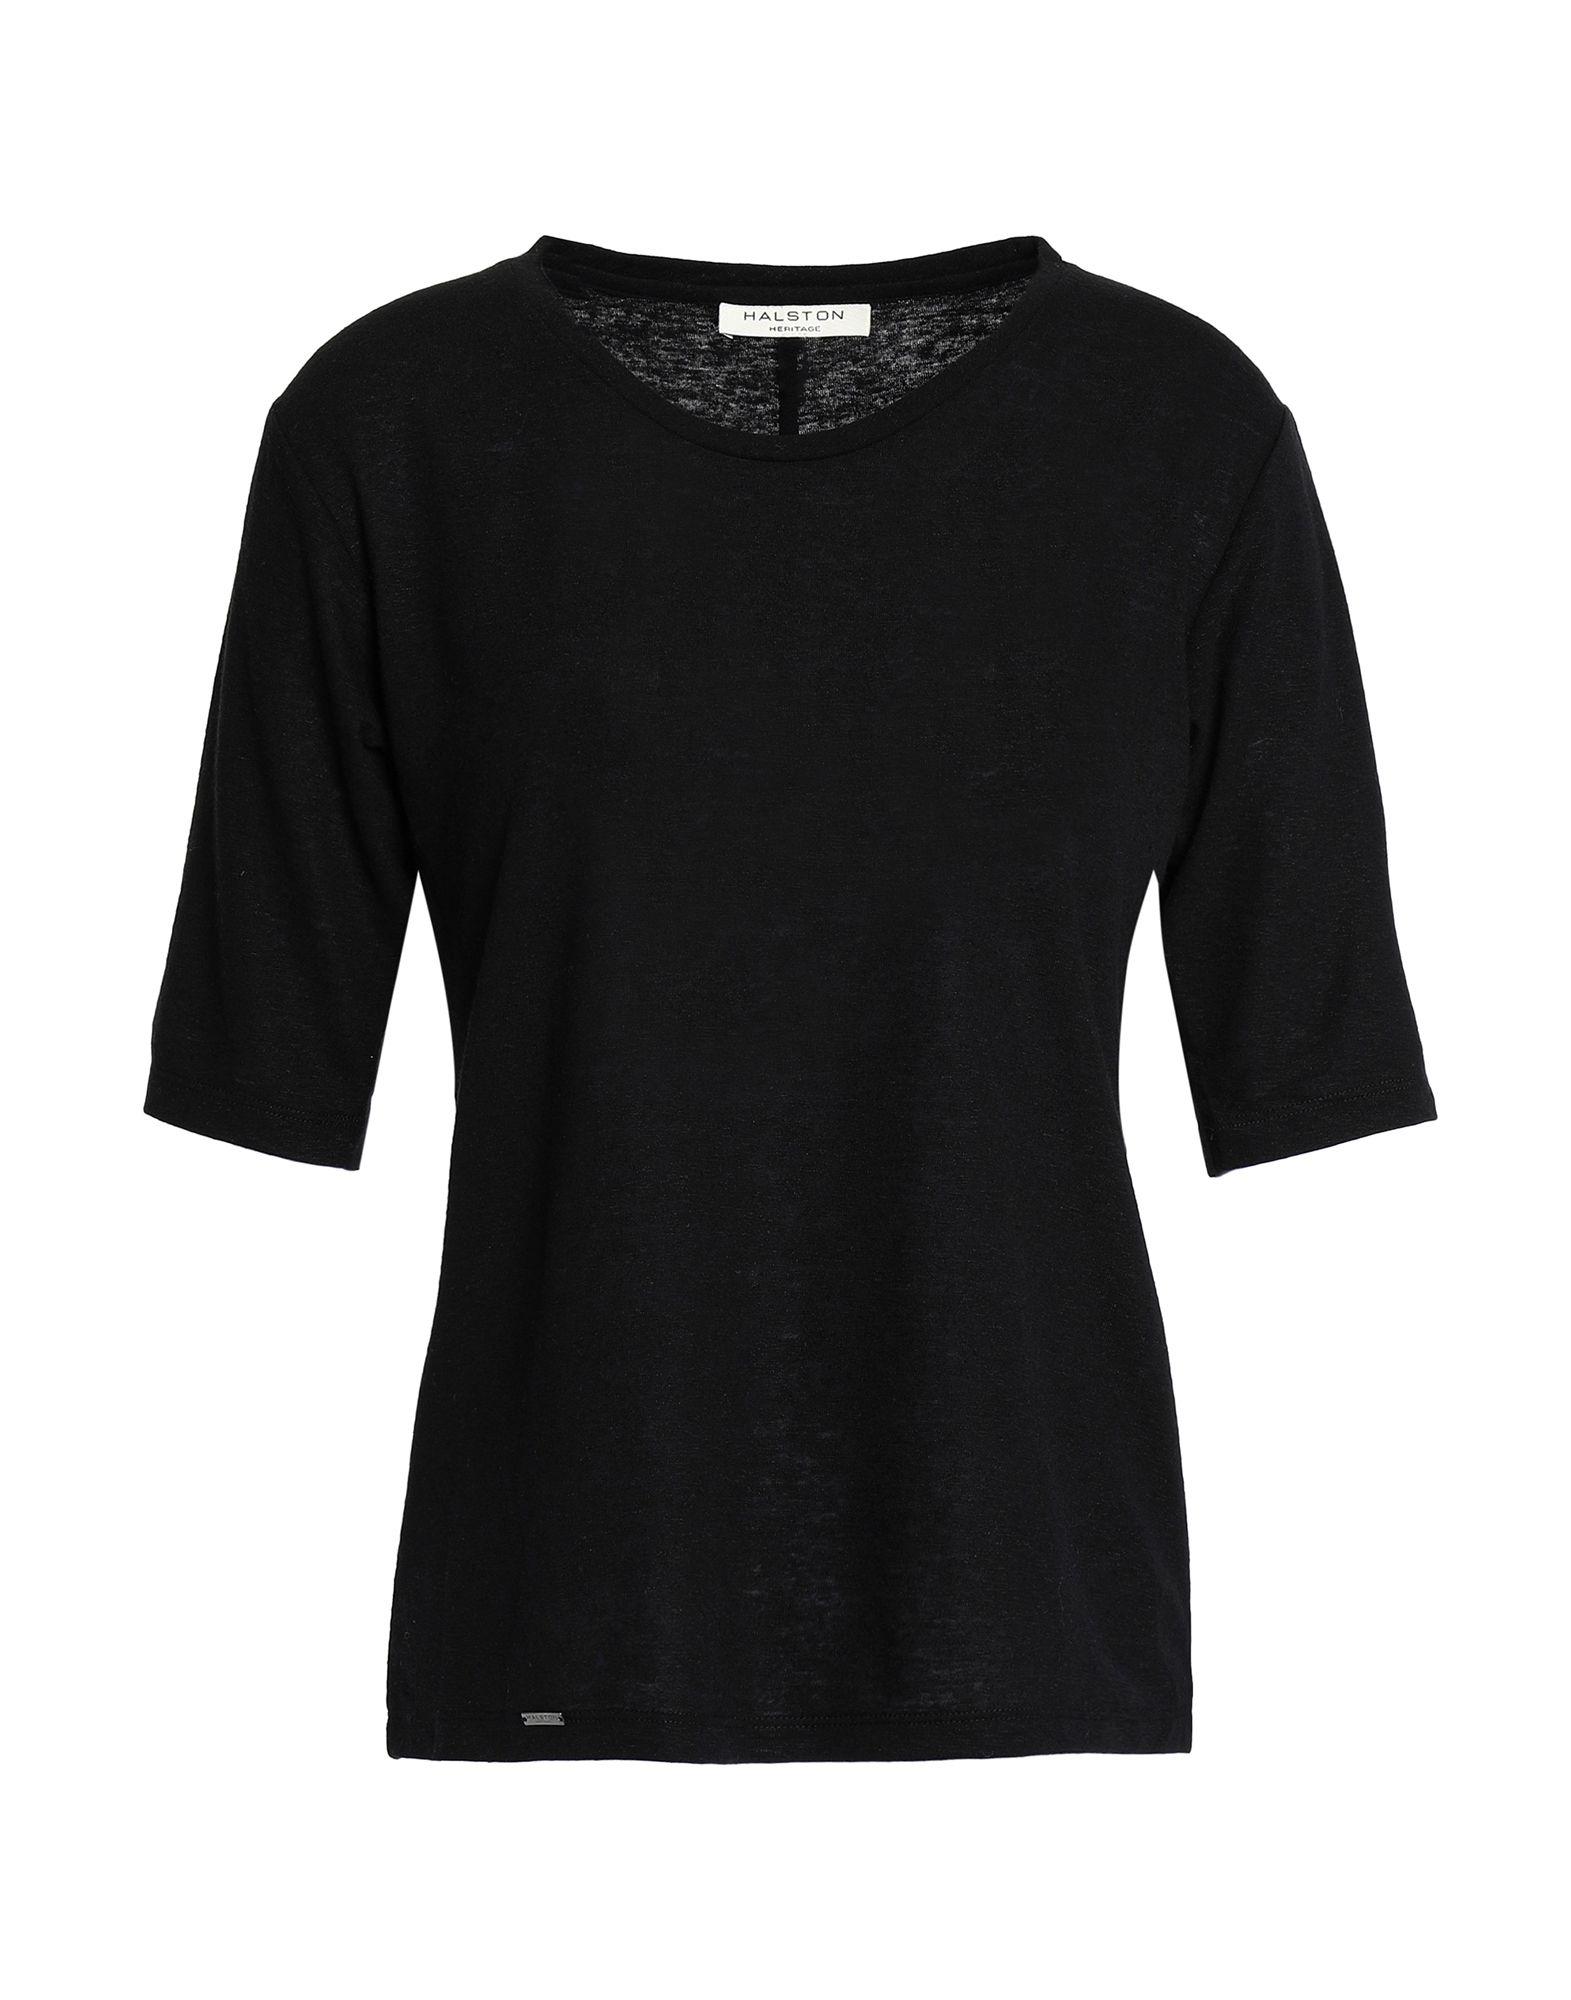 《期間限定セール中》HALSTON HERITAGE レディース T シャツ ブラック S 麻 50% / ポリエステル 50%